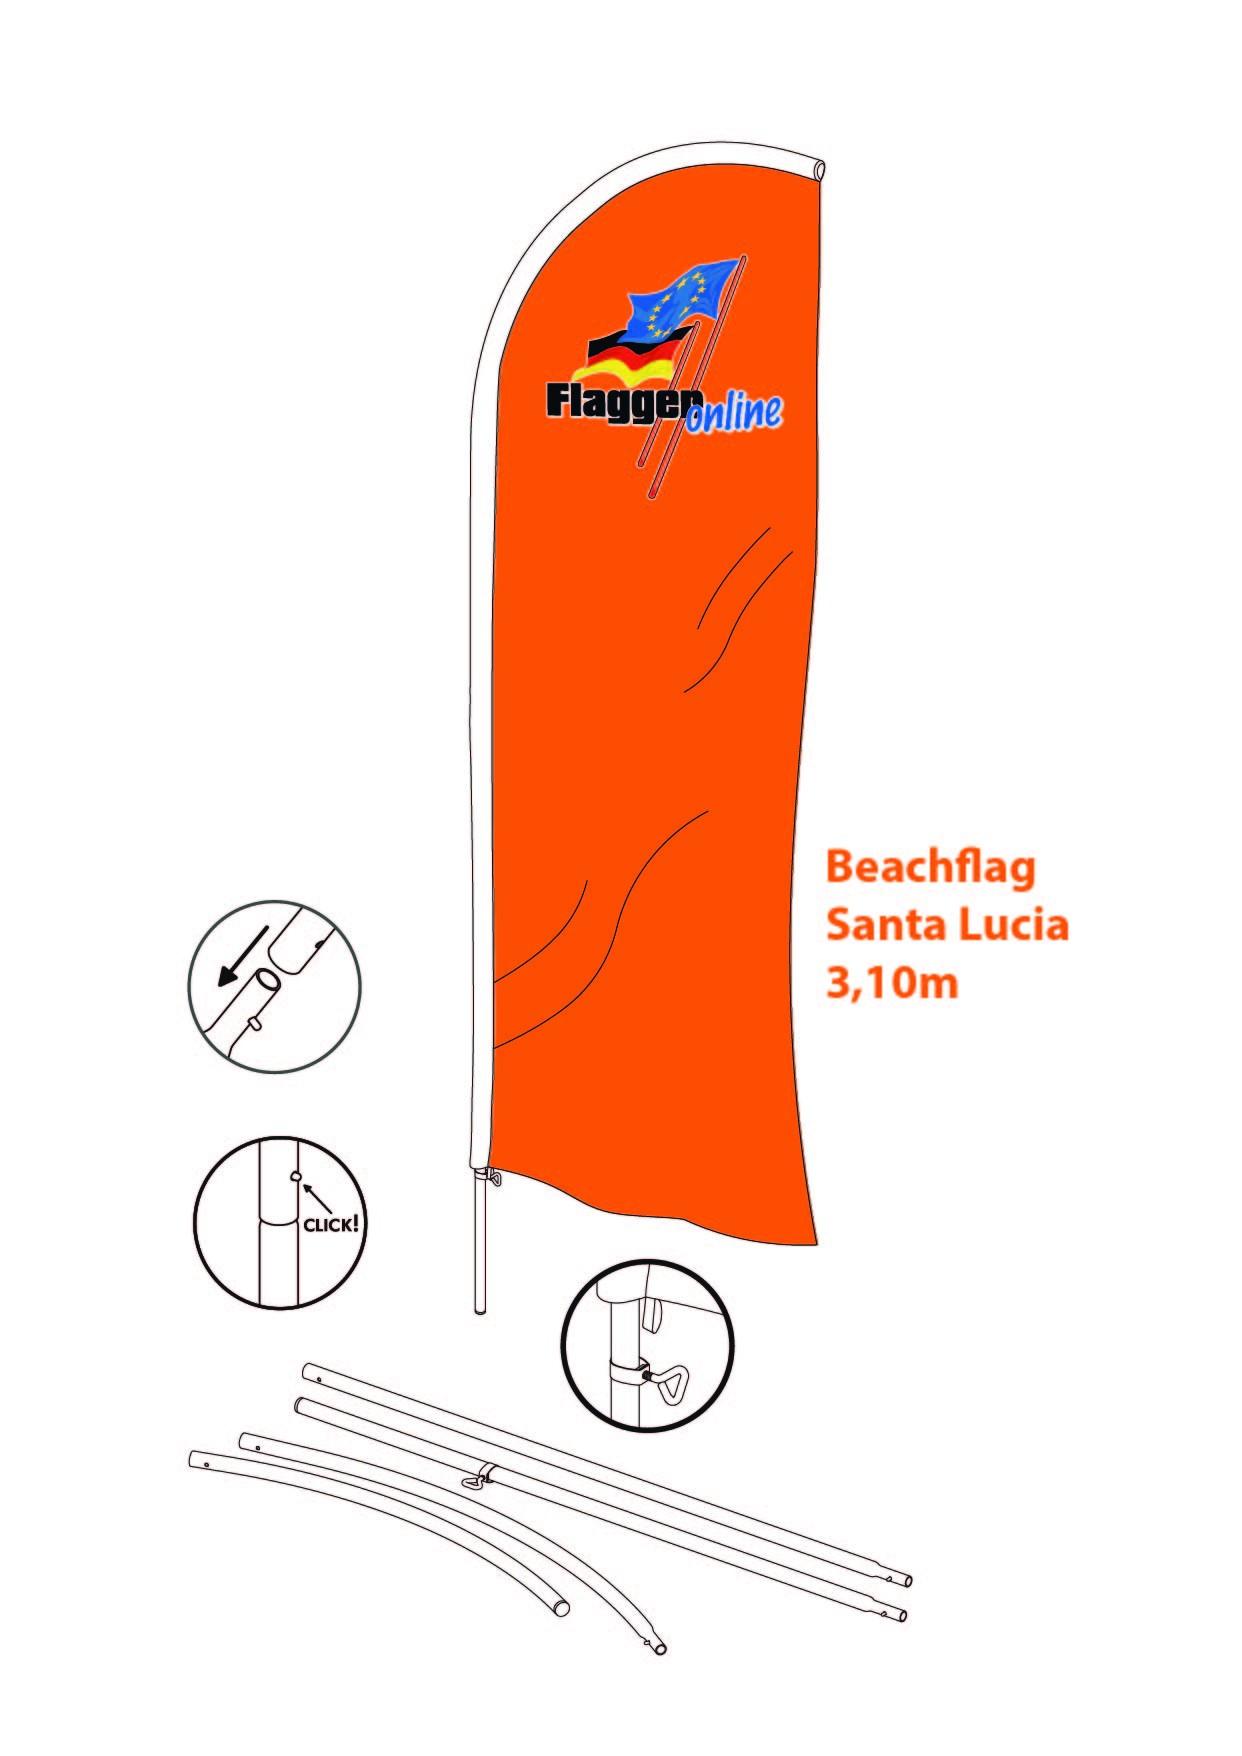 FO-Santa Lucia Beachflag  Komplettsystem inkl. Bodenplatte!